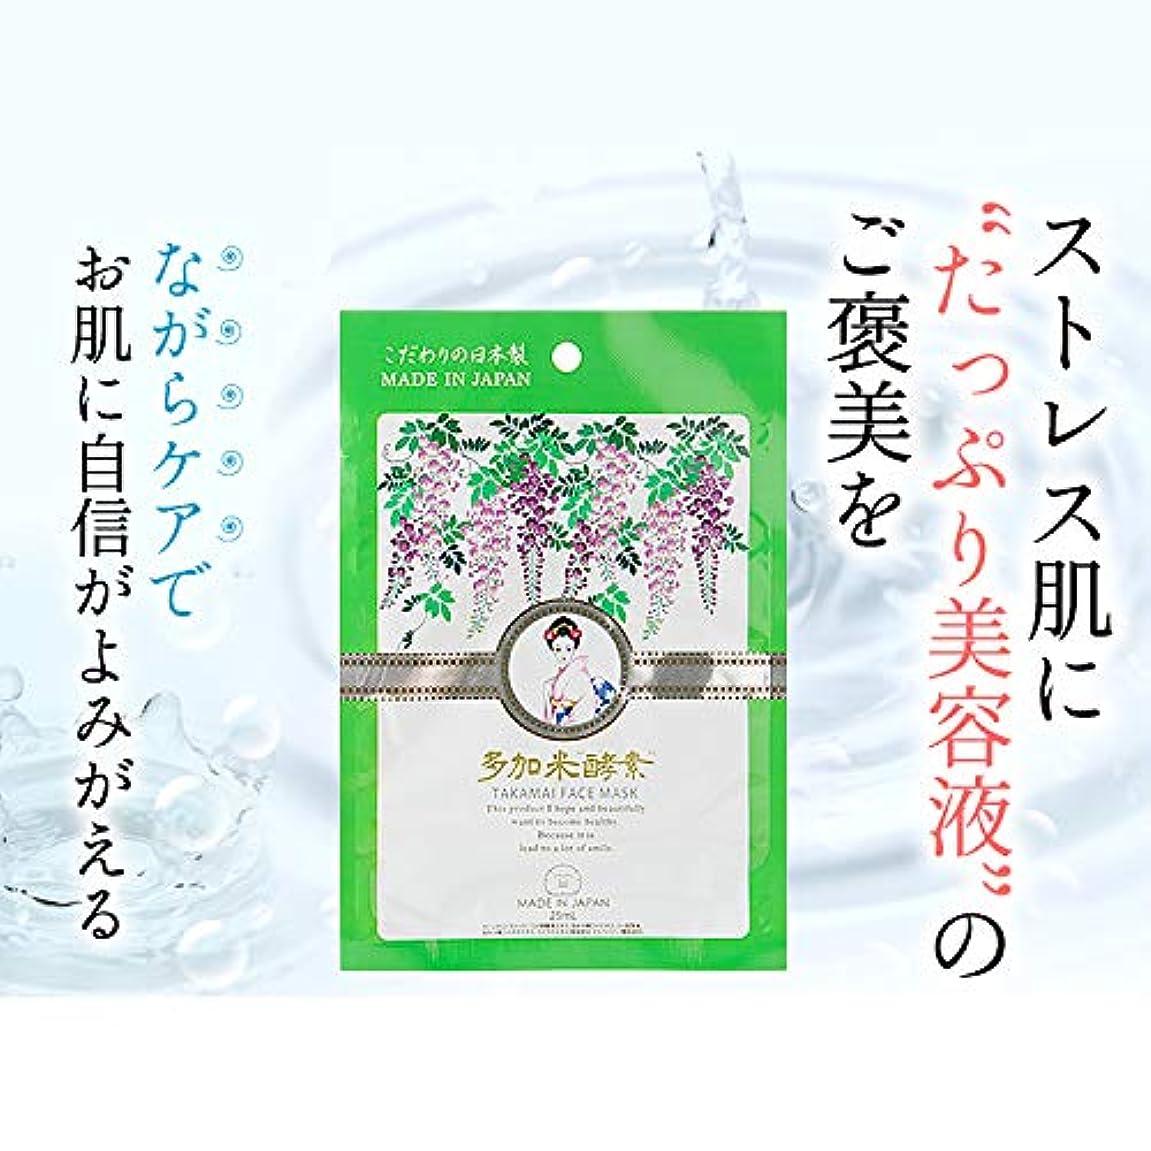 熟考する自転車アクション多加米酵素フェイスマスク シートマスク フェイスマスク 保湿マスク 美容液 25ml 10枚セット